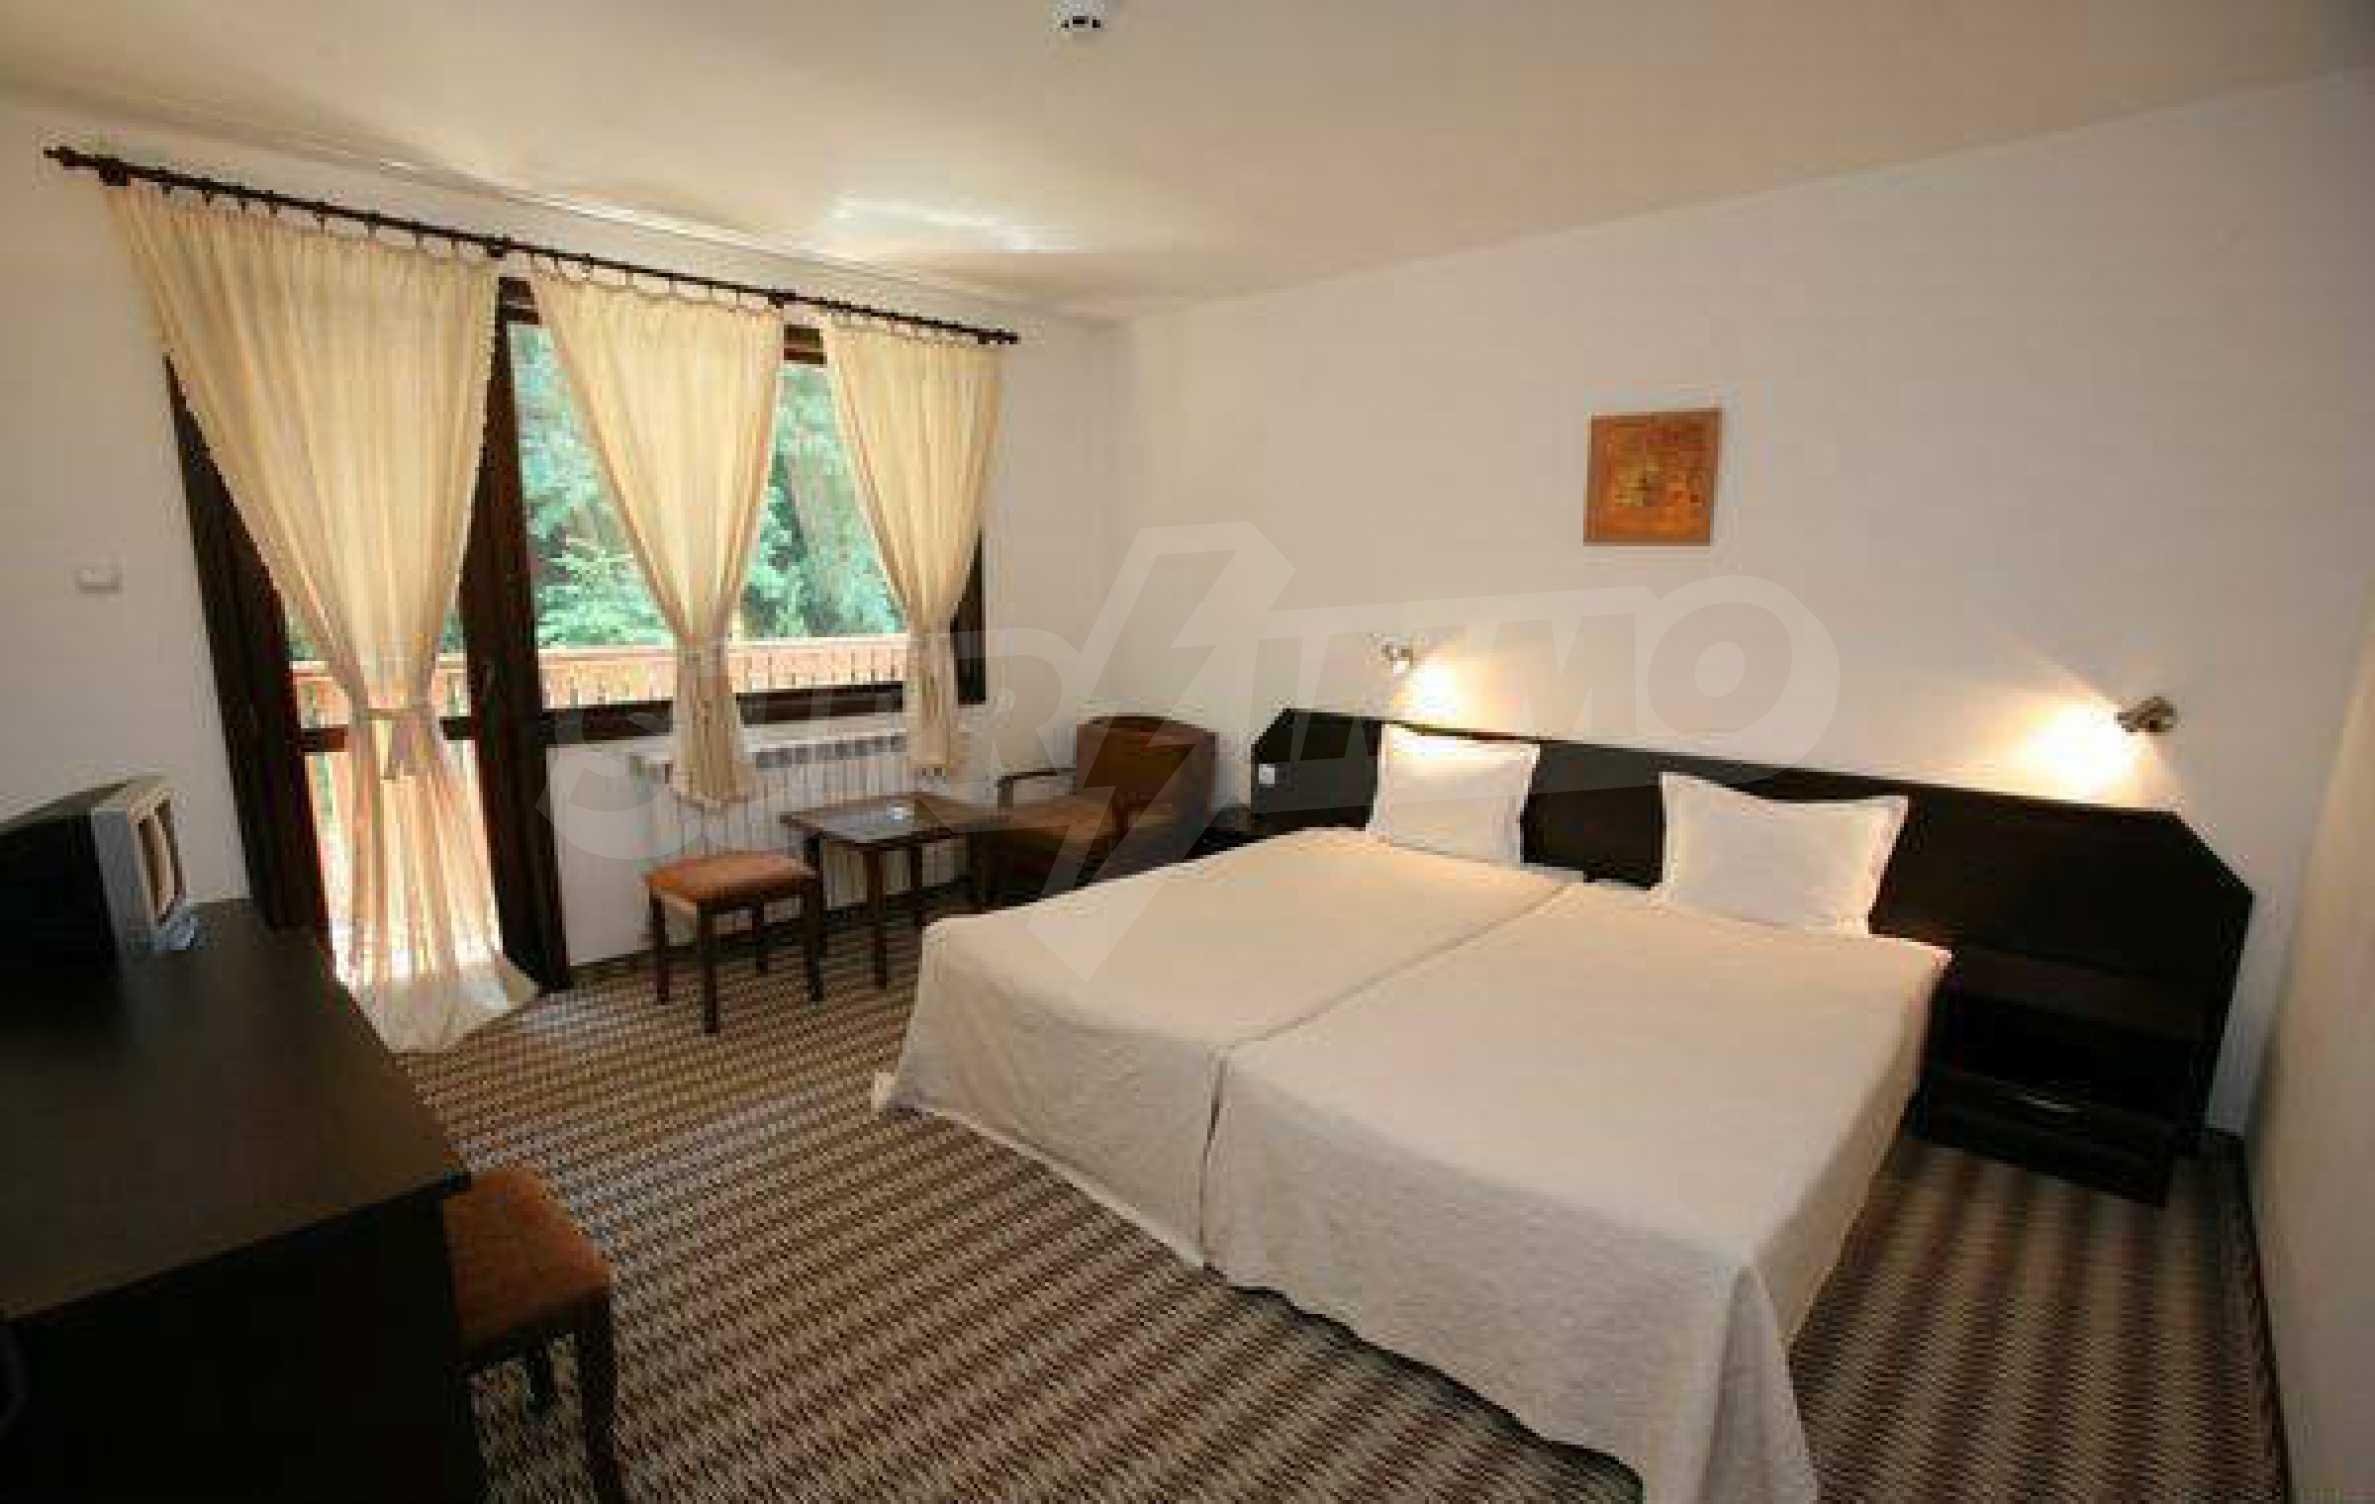 Gemütliches Hotel mit Pool im Herzen des Balkangebirges 20